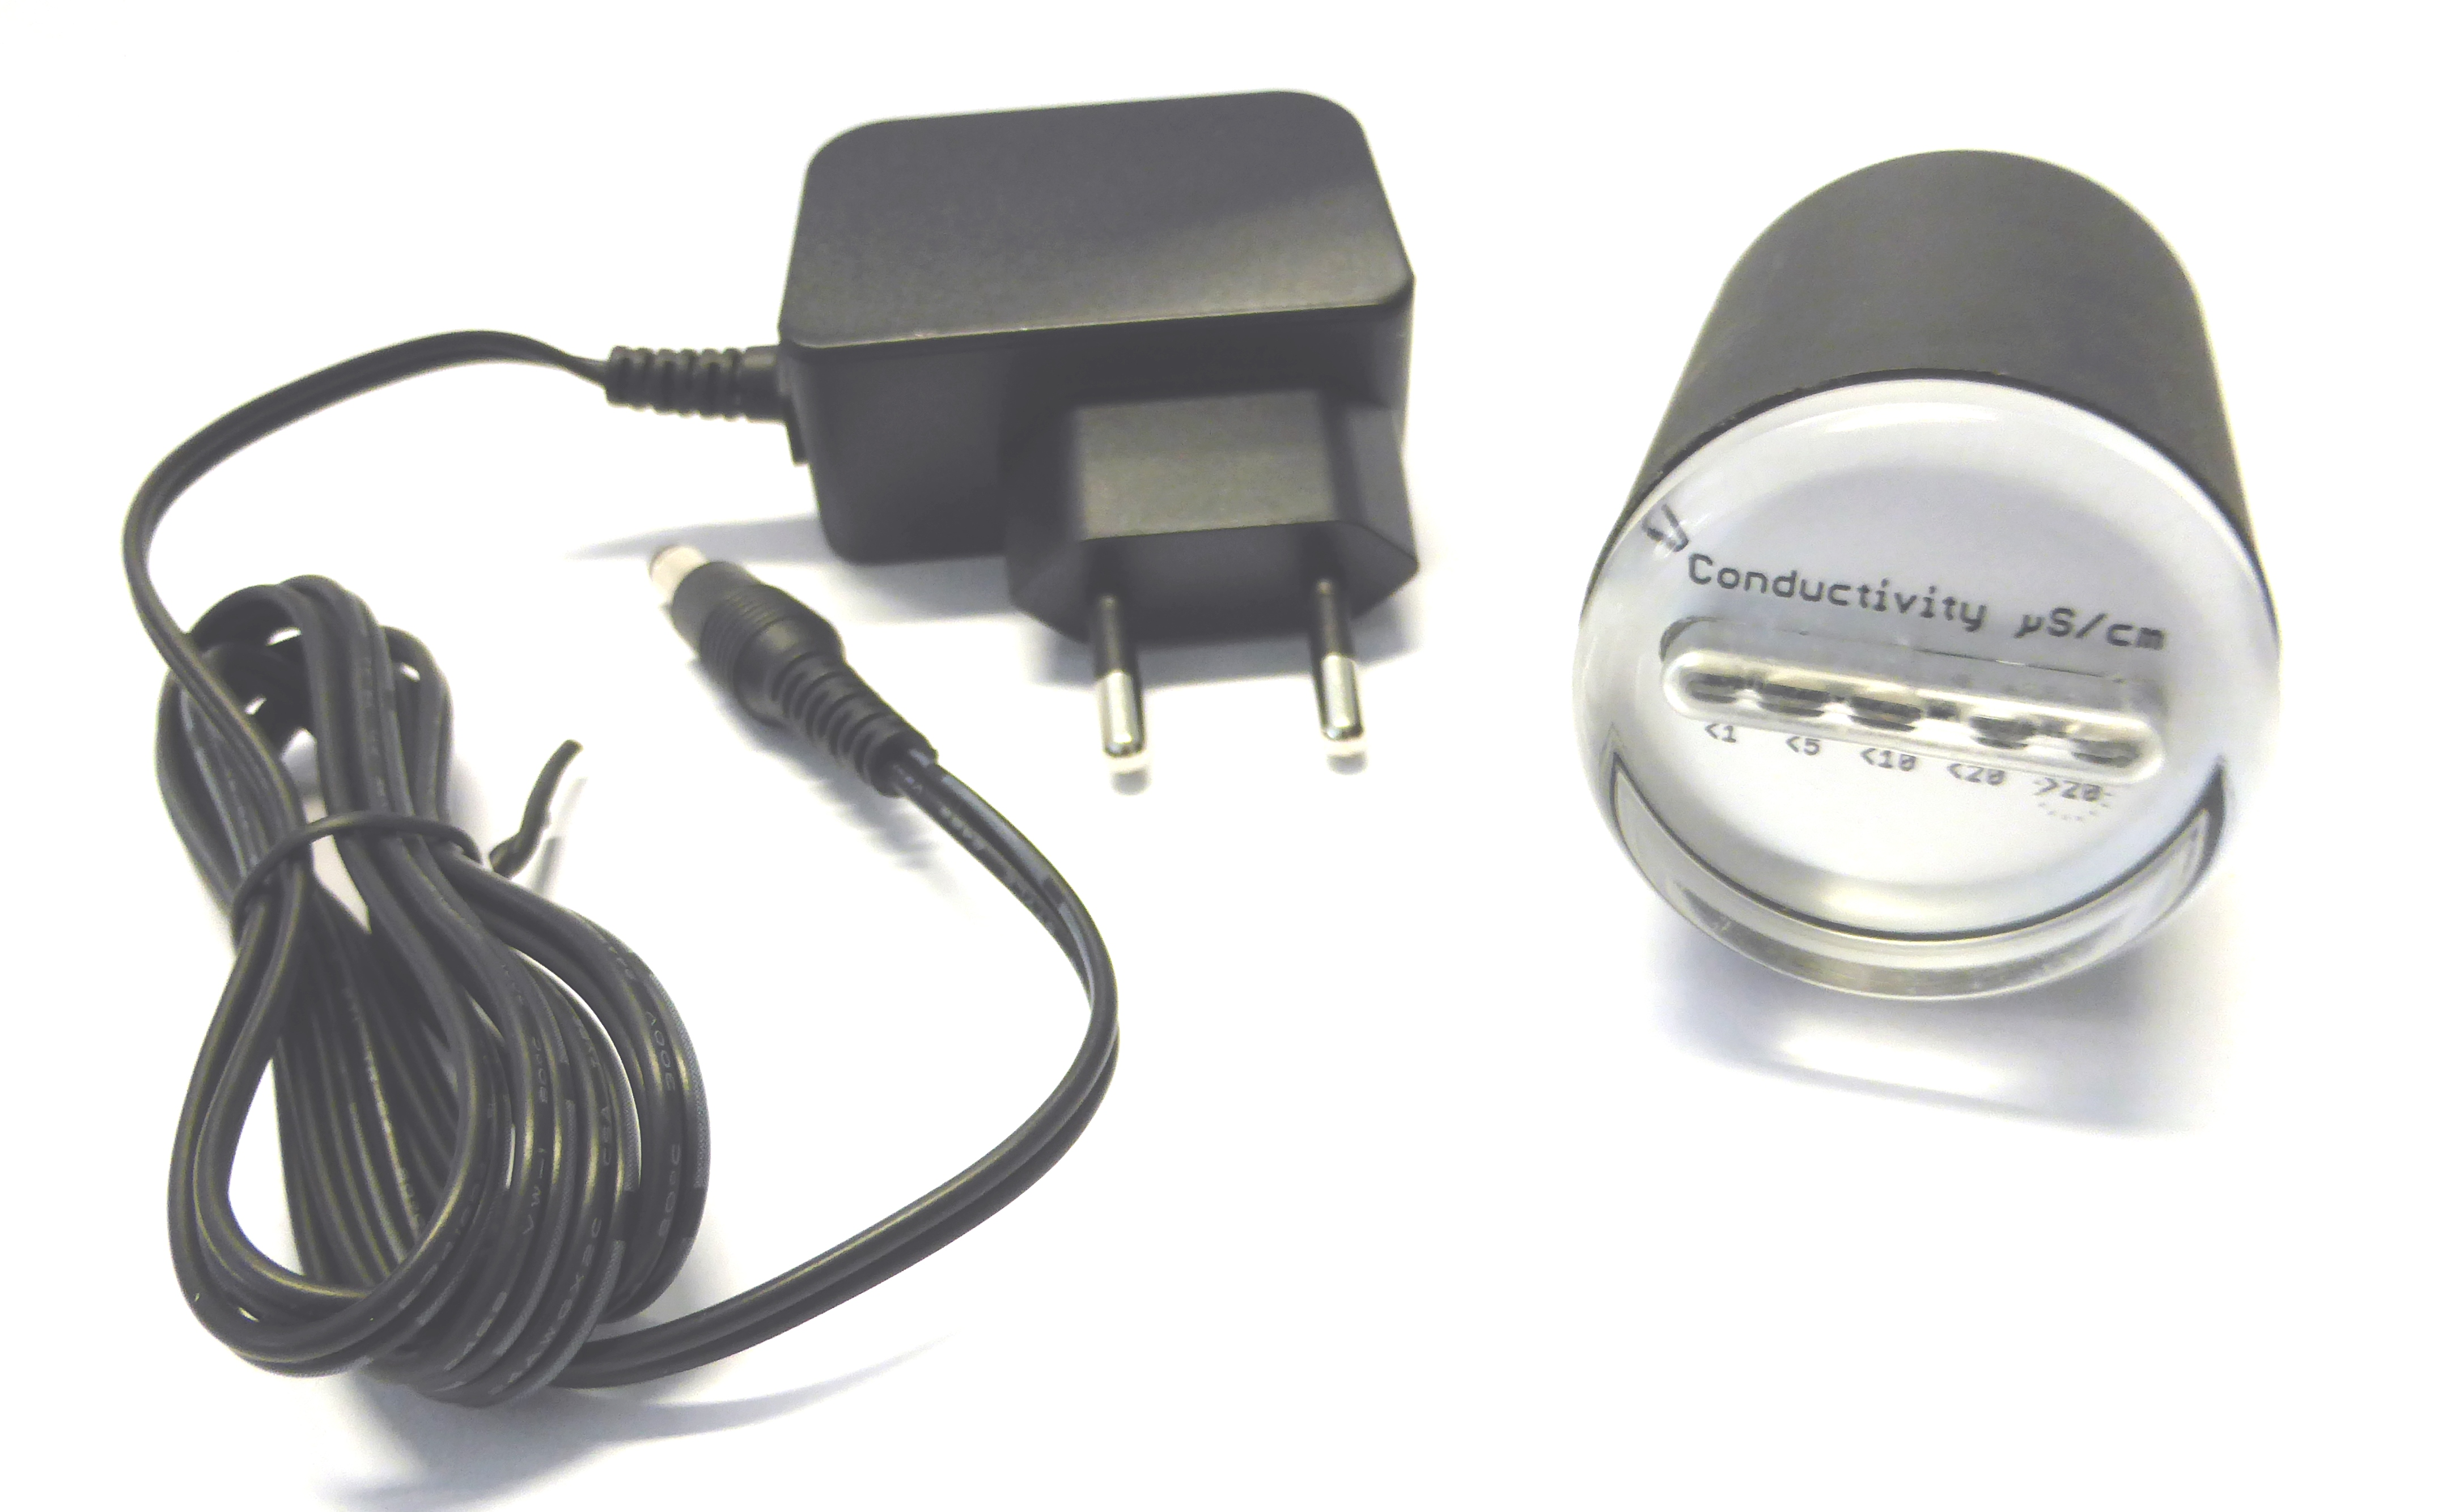 N-LED20, Leitfähigkeitsmessgerät 0-20 μS/cm mit 5 LEDs und integrierter 3/4' Einschraubmesszelle